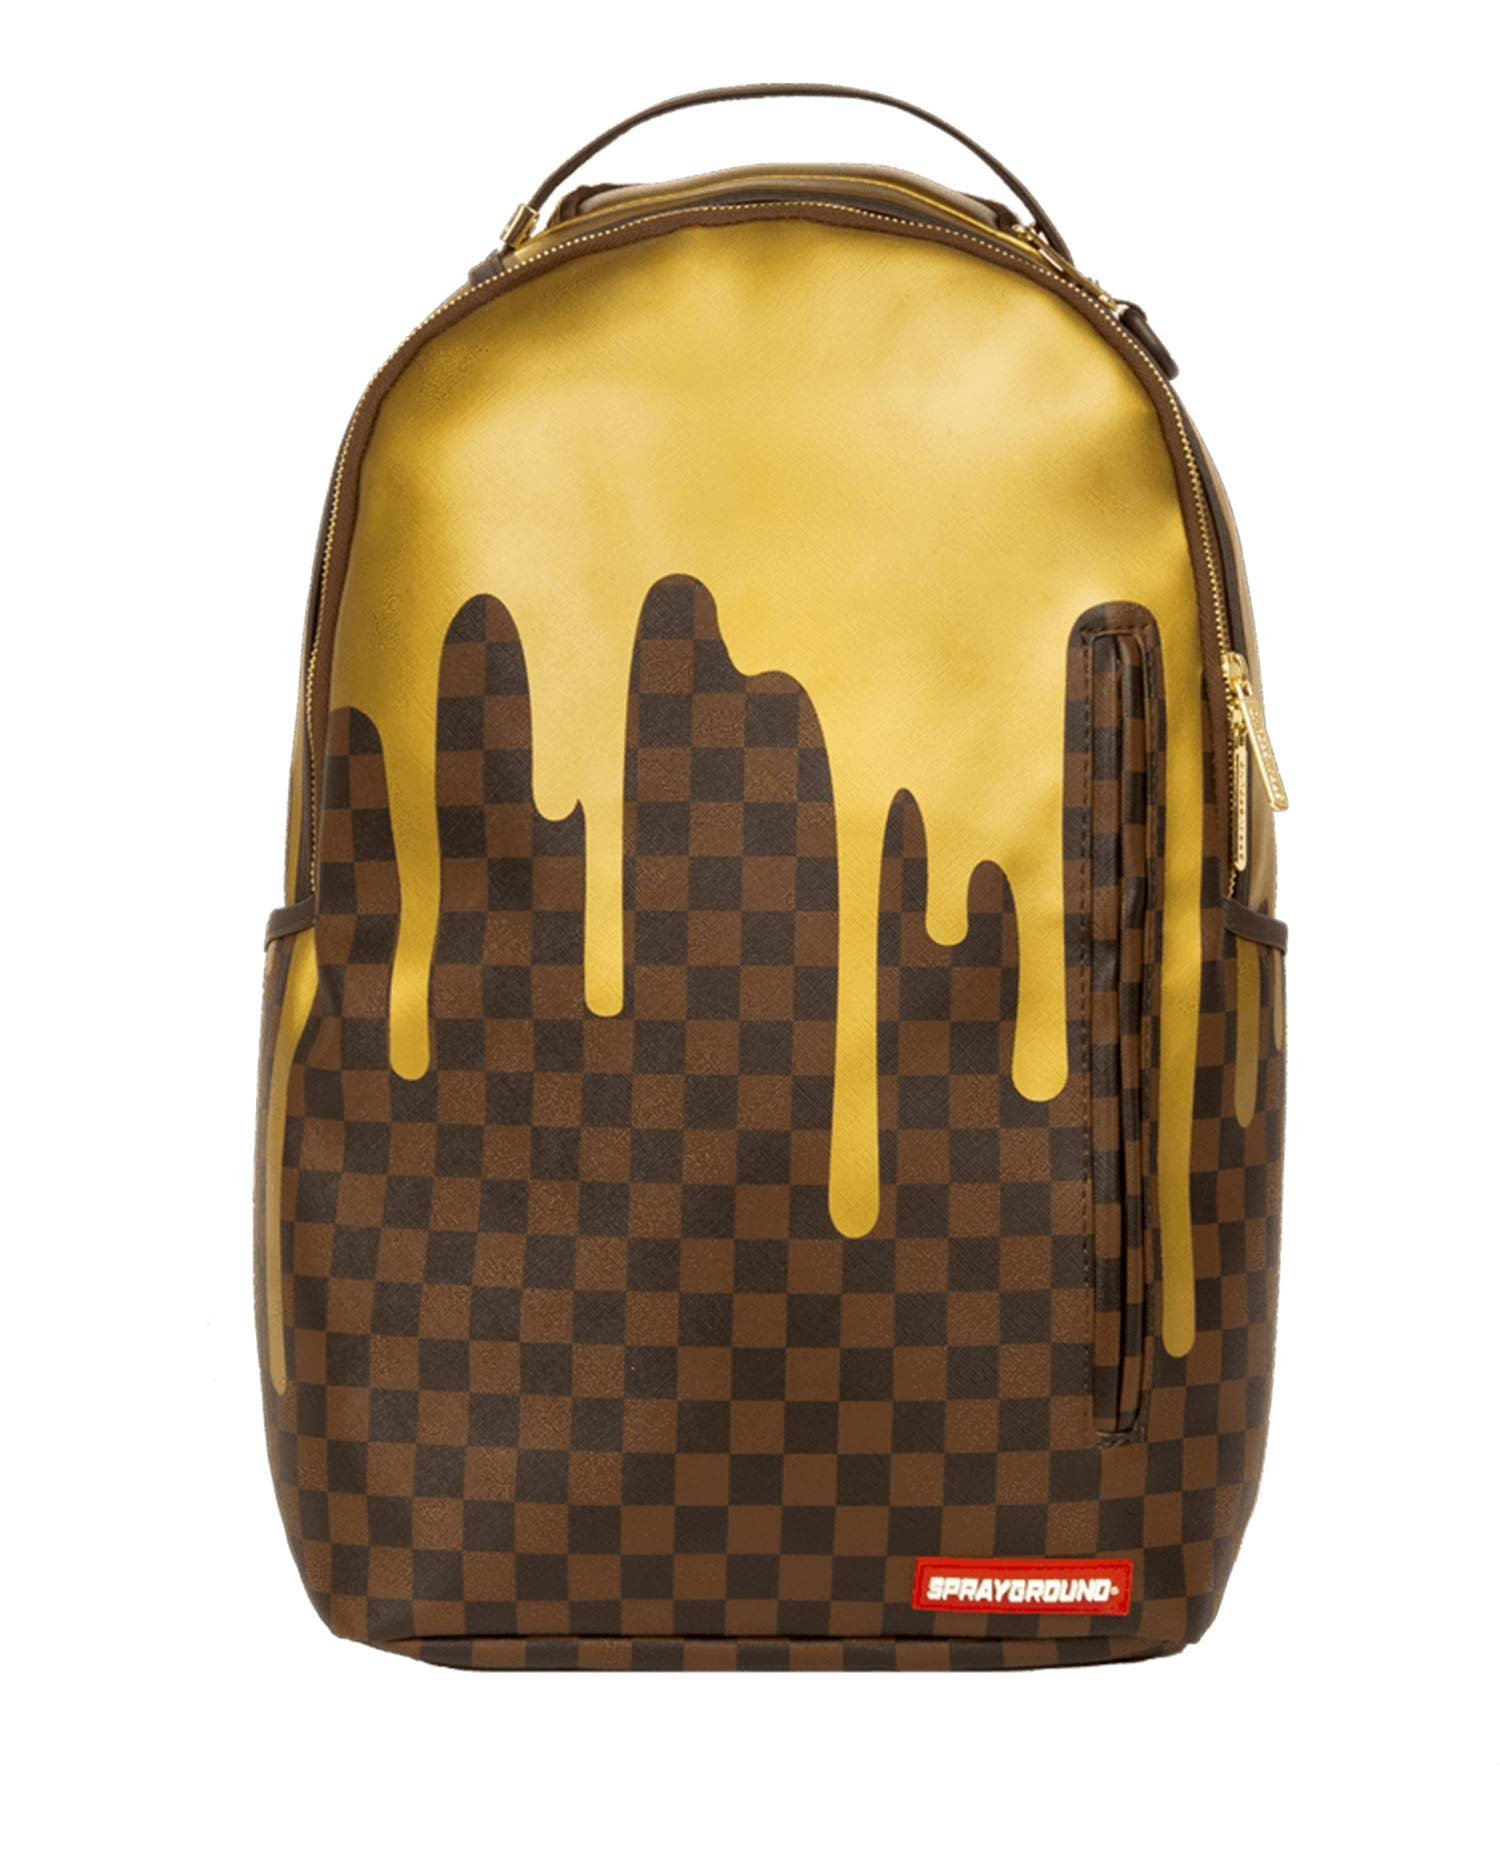 Sprayground Unisex-Adult Gold Checker Drips Backpack One by Sprayground